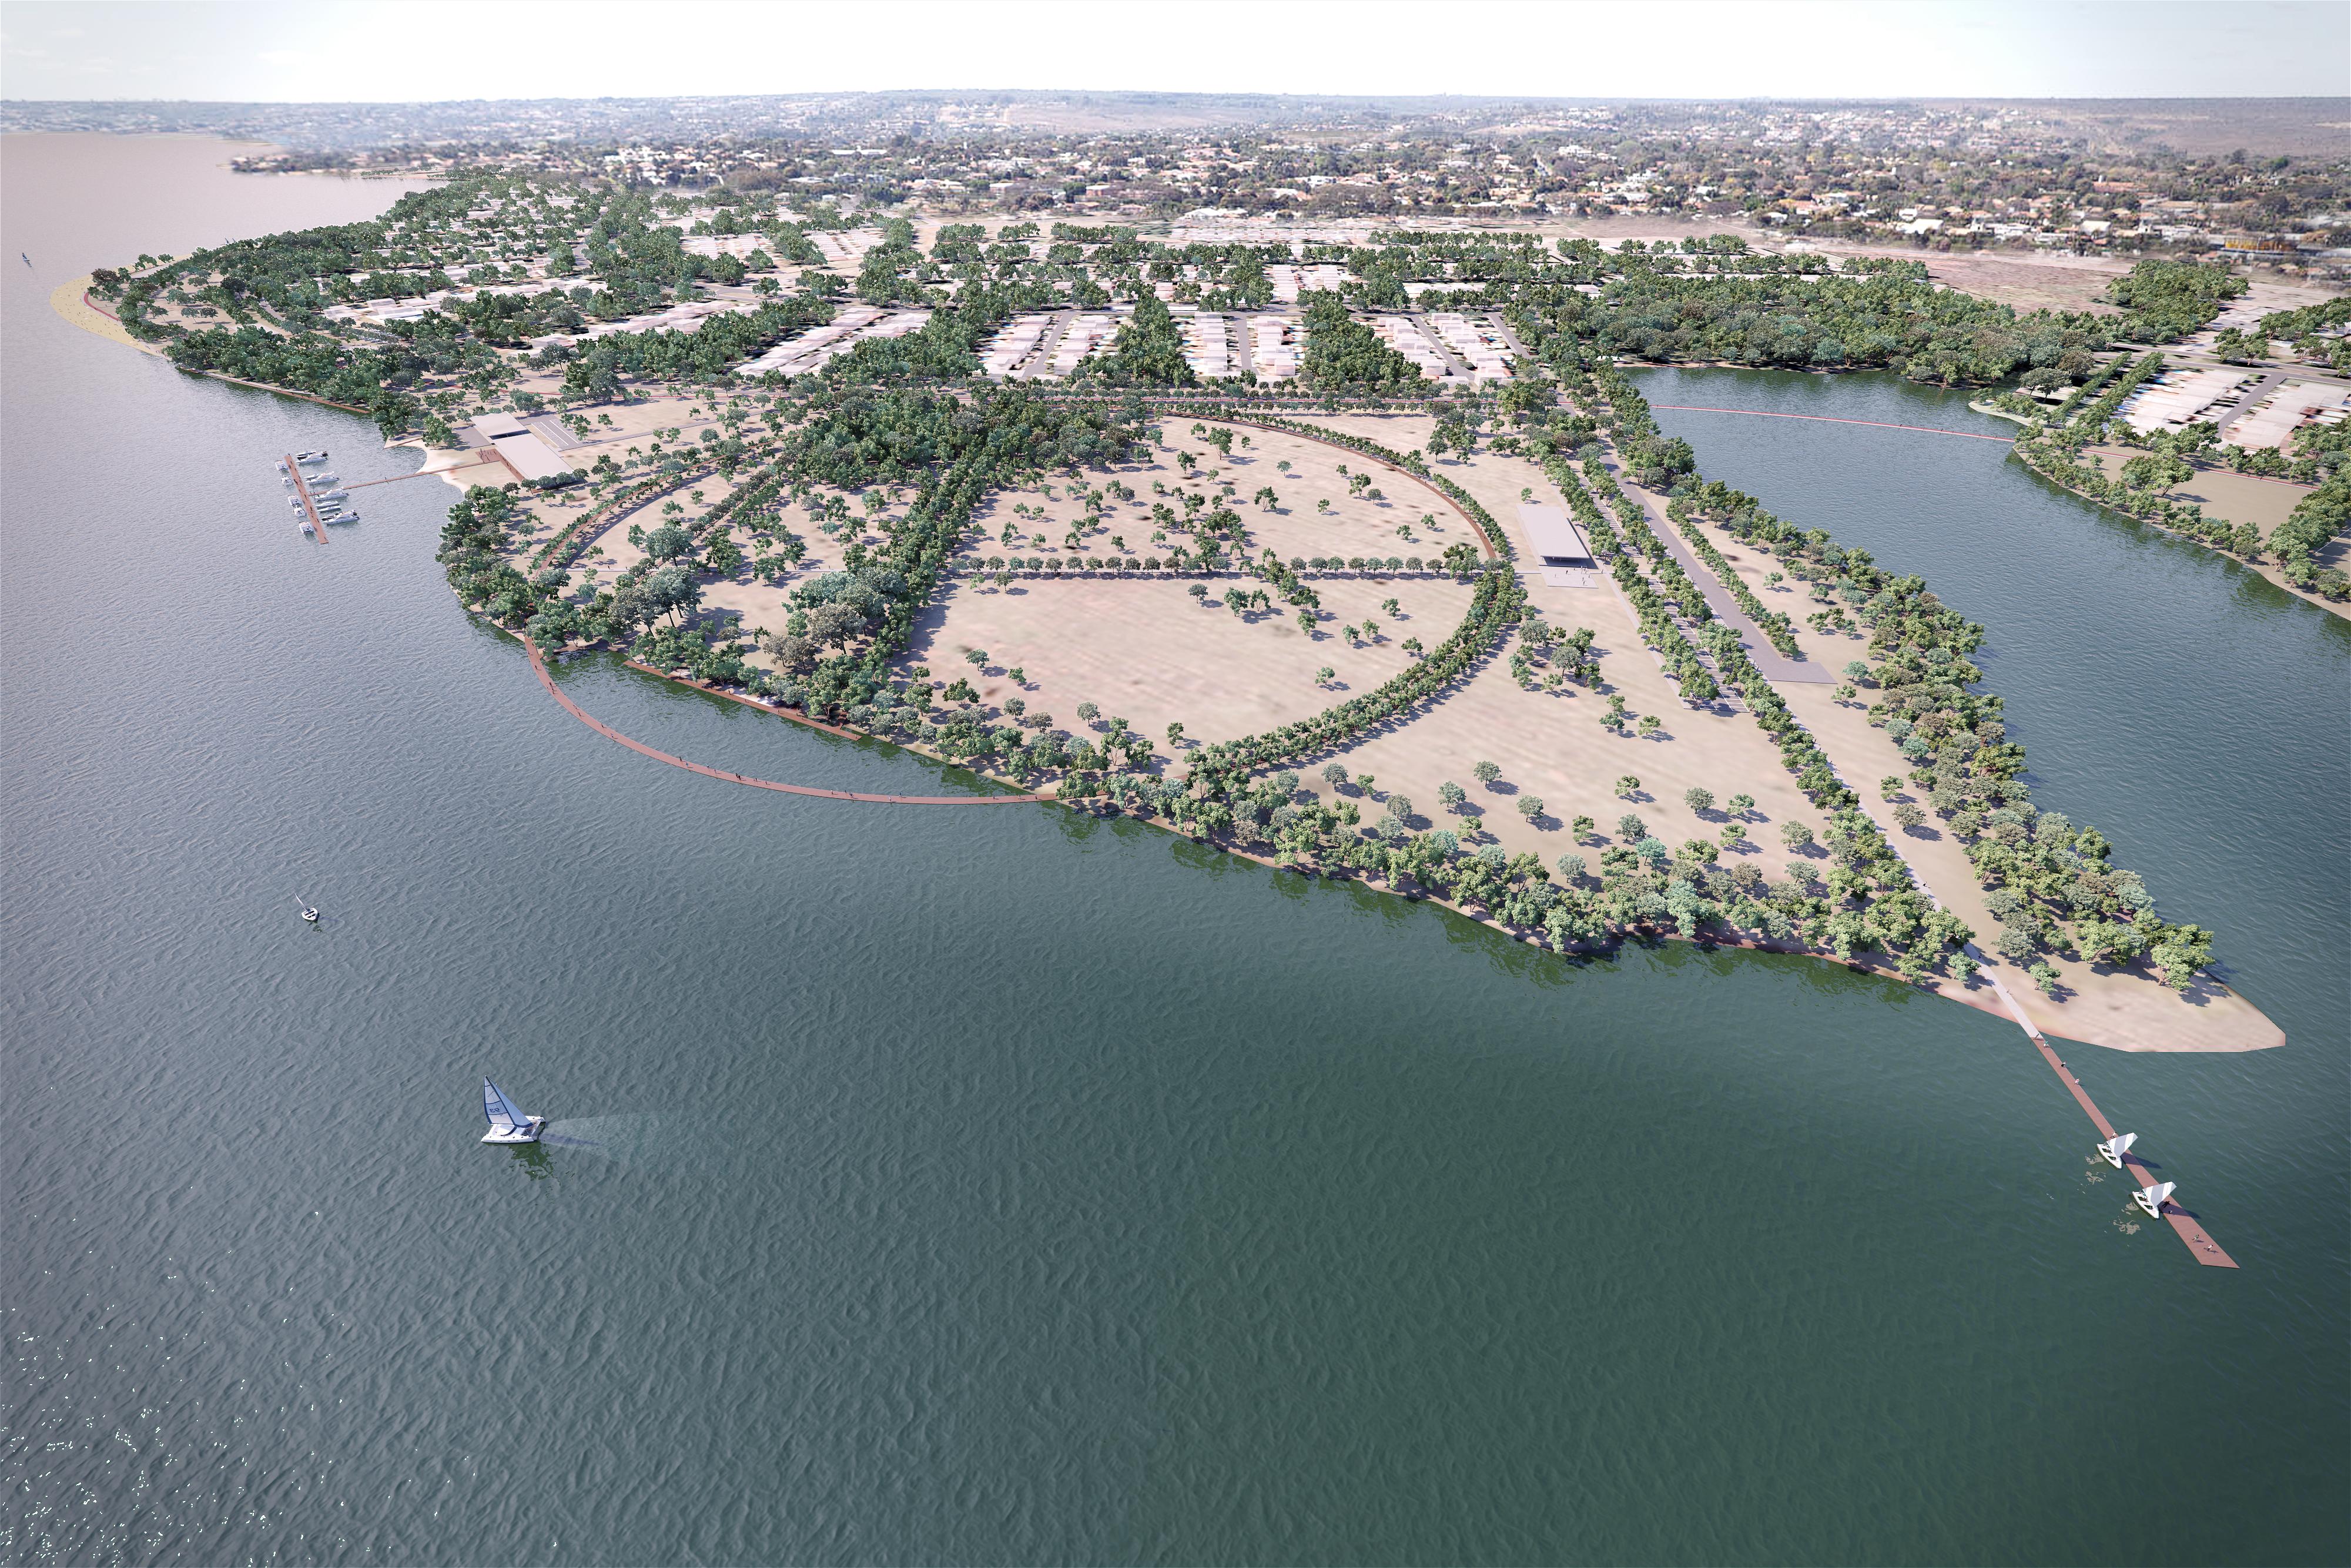 O escritório Estúdio 41, de Curitiba, foi o vencedor do concurso público do masterplan da Orla do Lago Paranoá, em Brasília, em 2018.